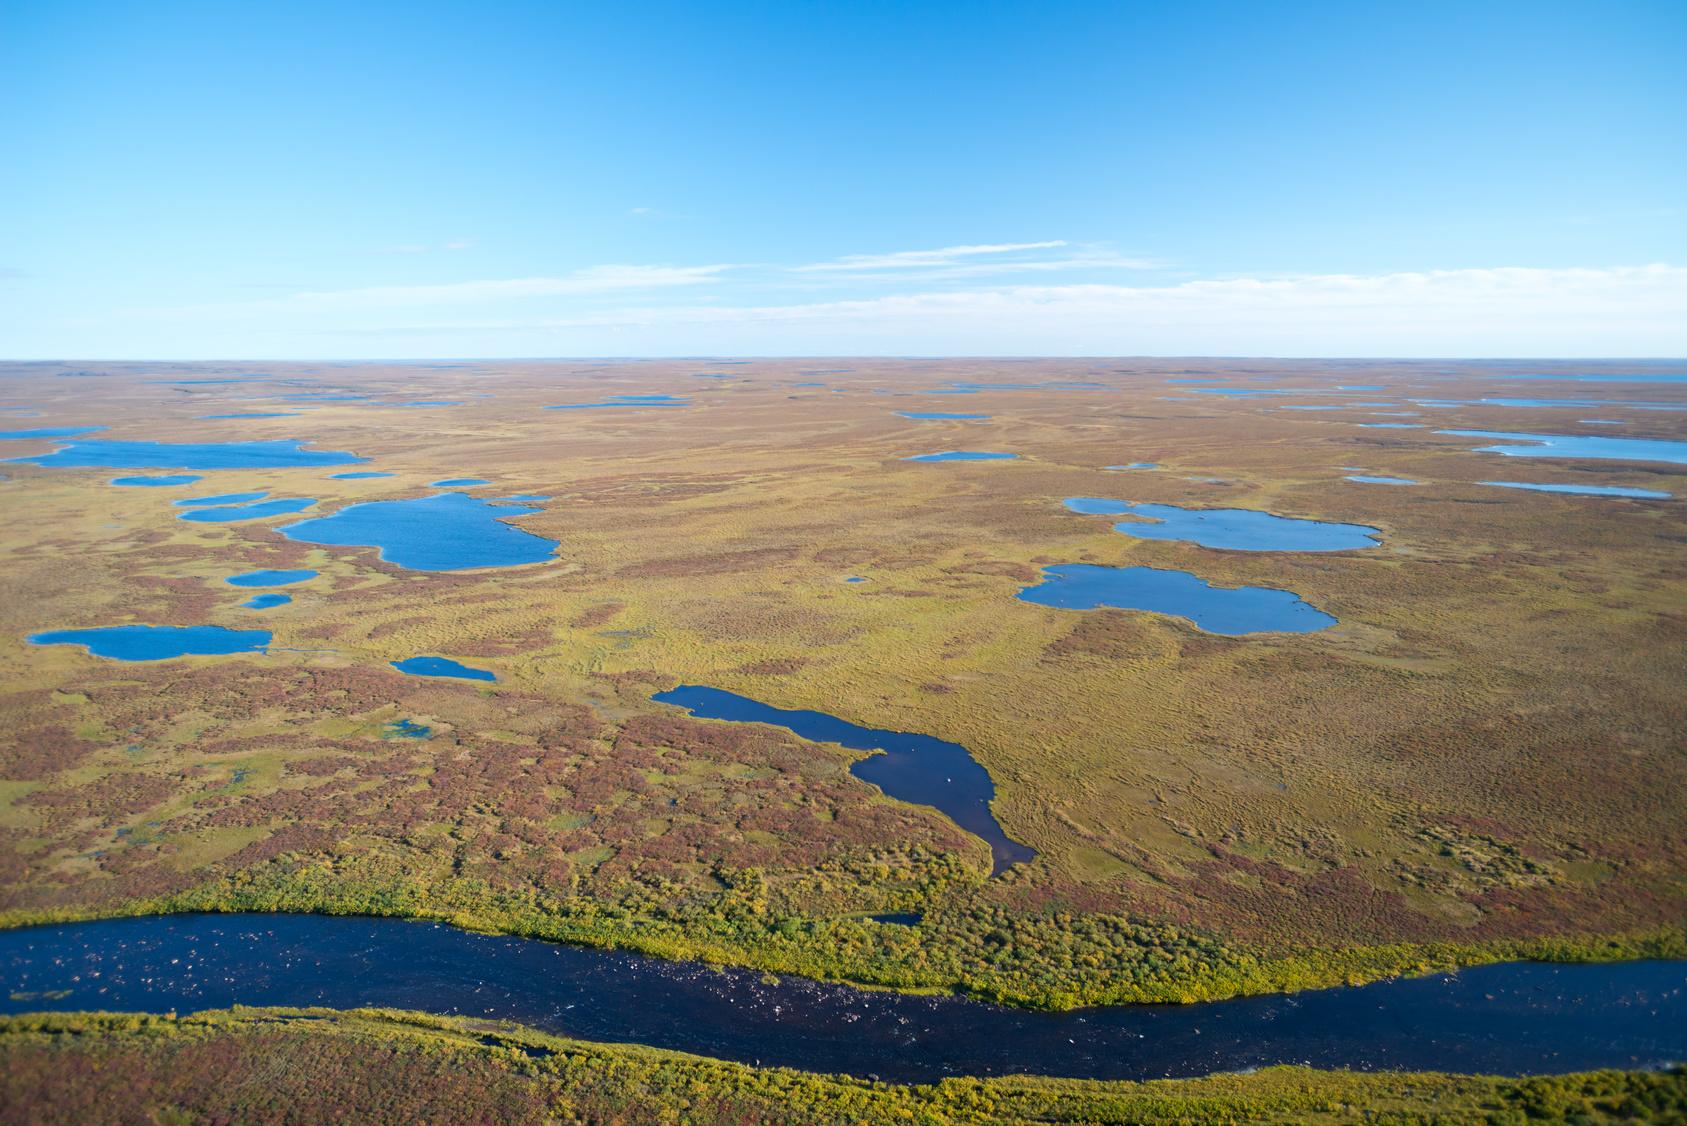 Weite Ebenen karger Landschaft: Nunavut, Kanada